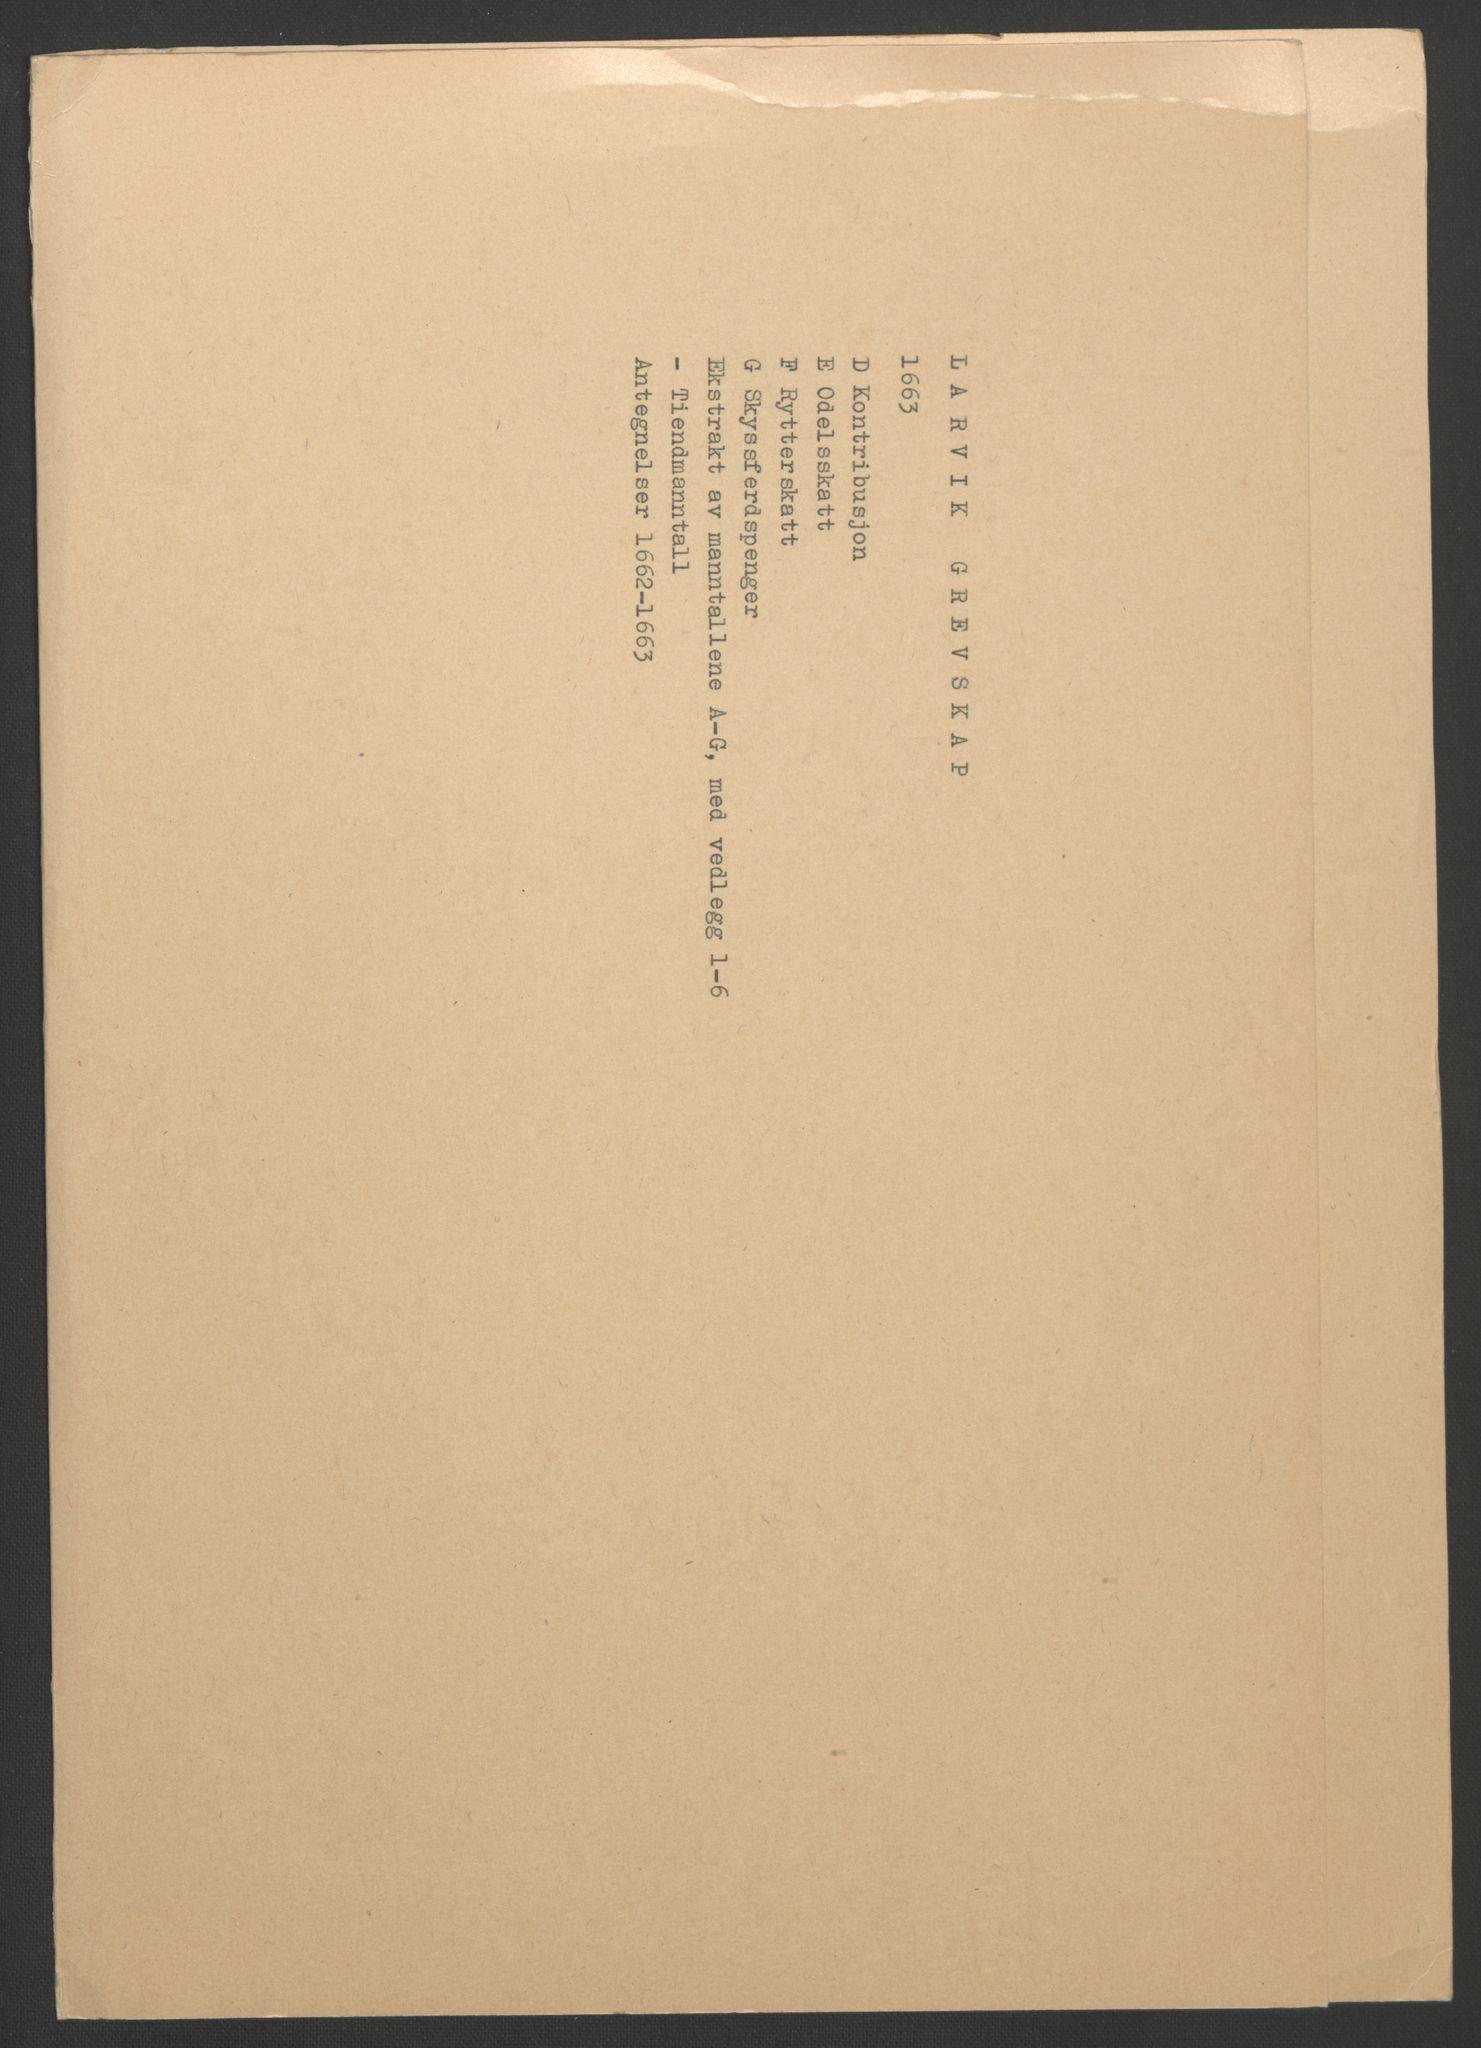 RA, Rentekammeret inntil 1814, Reviderte regnskaper, Fogderegnskap, R33/L1963: Fogderegnskap Larvik grevskap, 1662-1664, s. 89